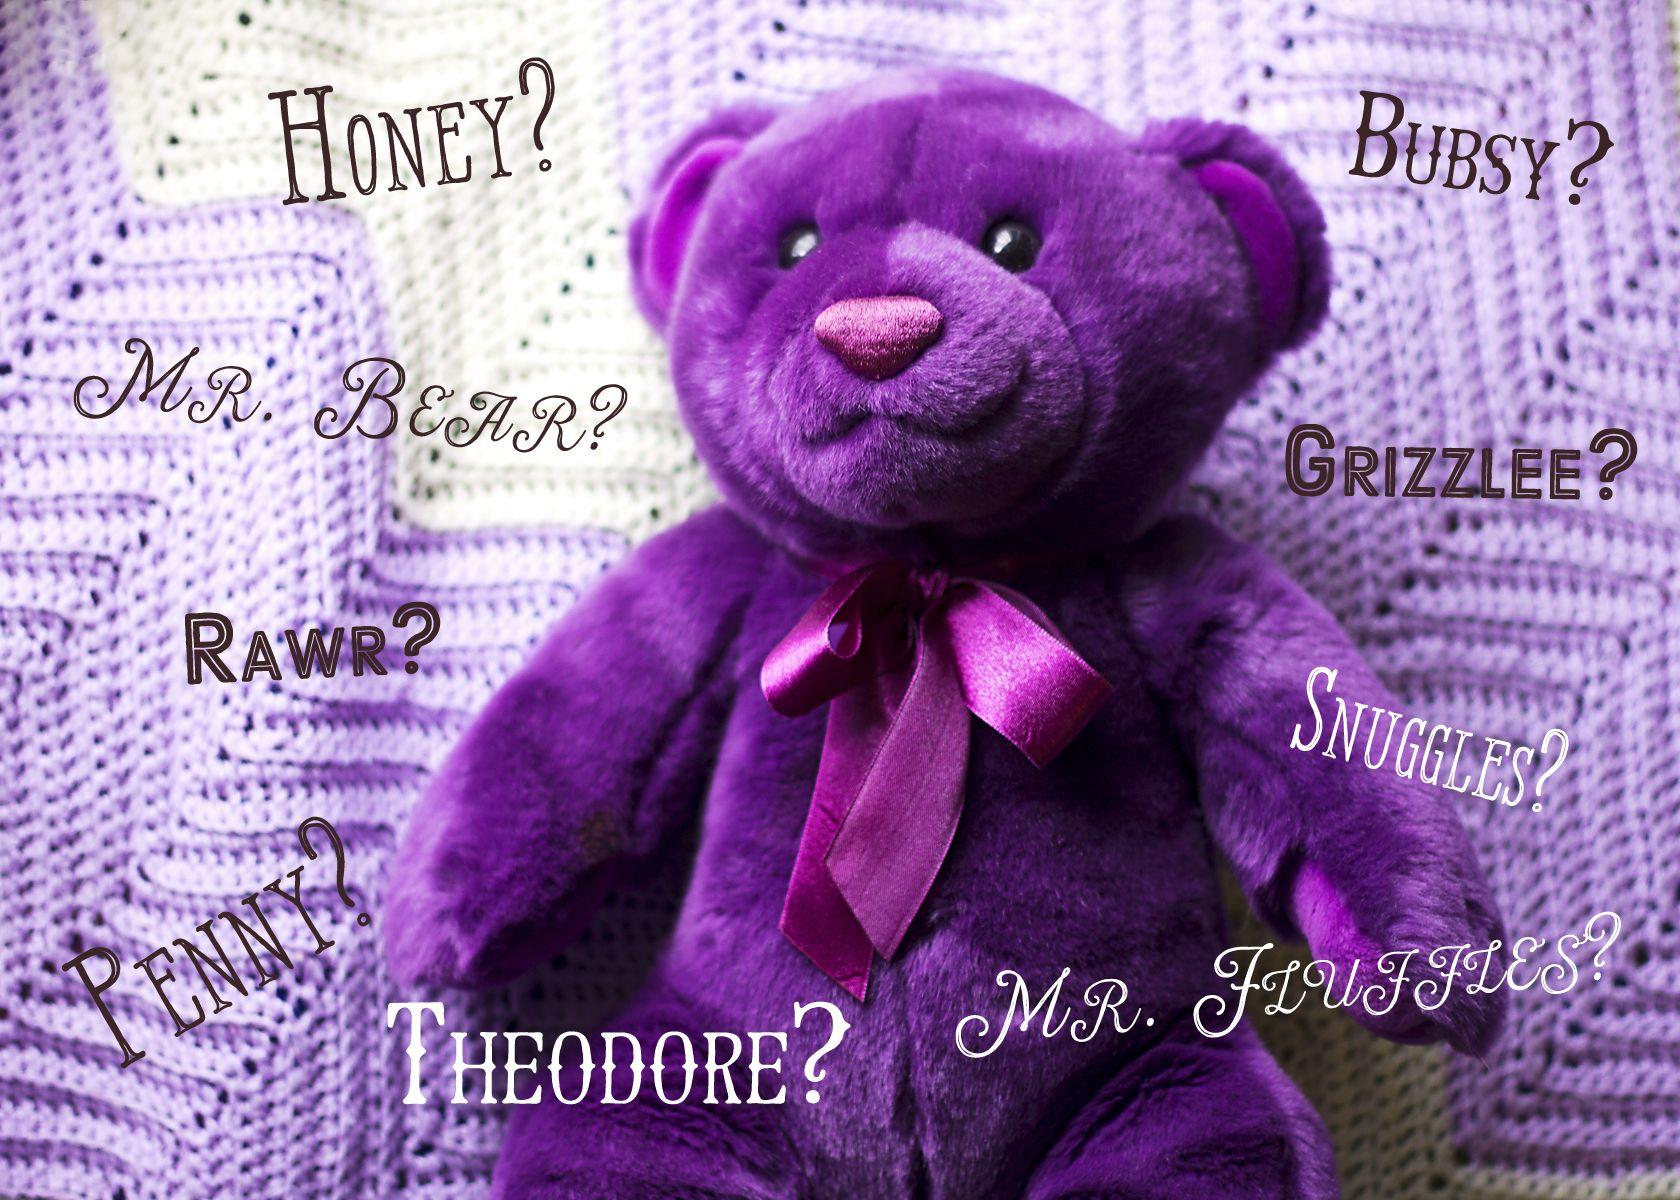 Cute names for teddy bear